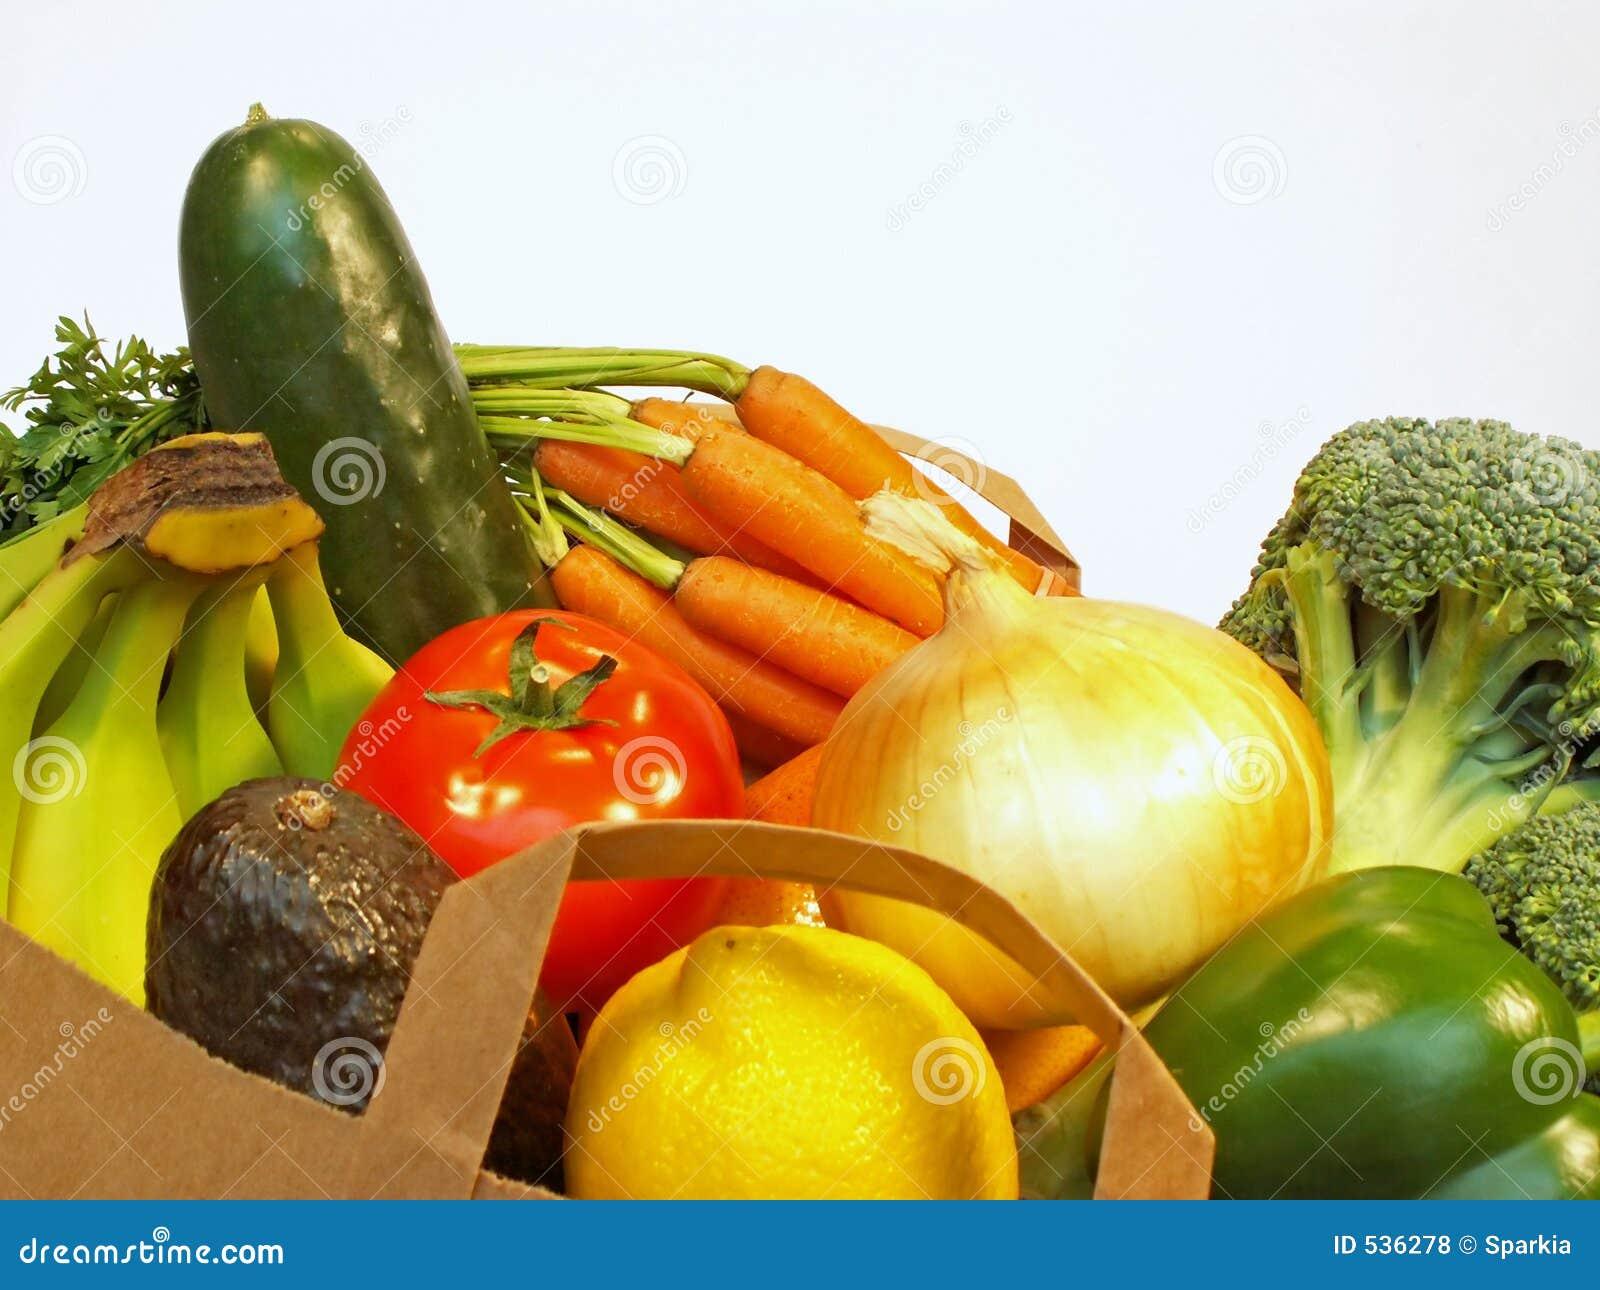 Download 袋子副食品 库存照片. 图片 包括有 纸张, 充分, 产物, 红萝卜, 可怕地, 新鲜, 健康, 成份, 胡椒 - 536278